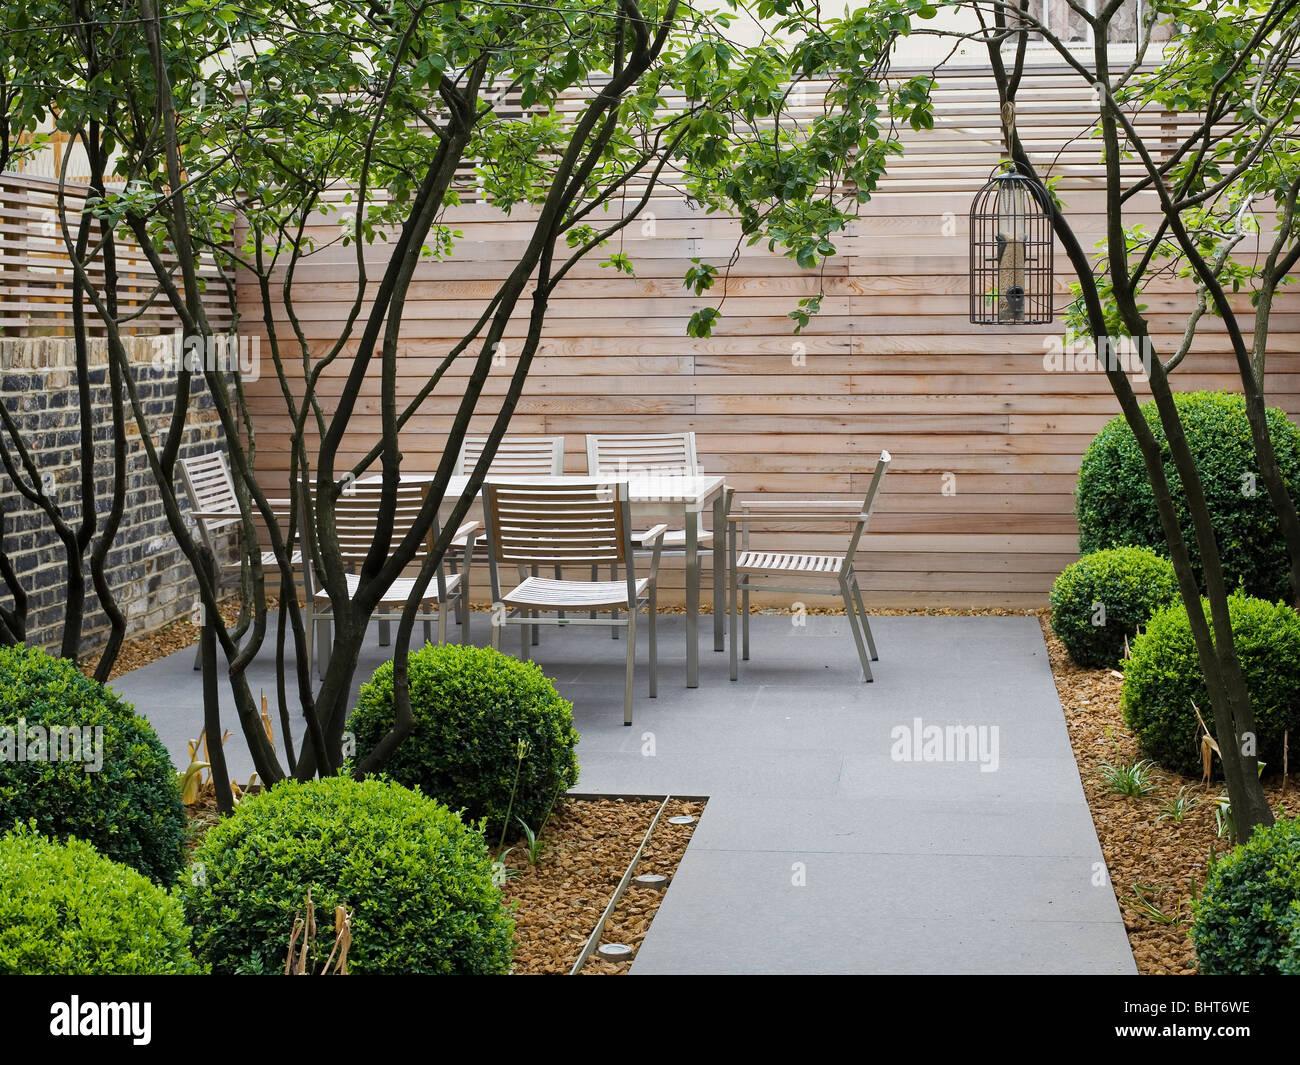 Table et chaises modernes contre tall clôture en bois dans la maison d'architecture Jardin avec arbustes Photo Stock